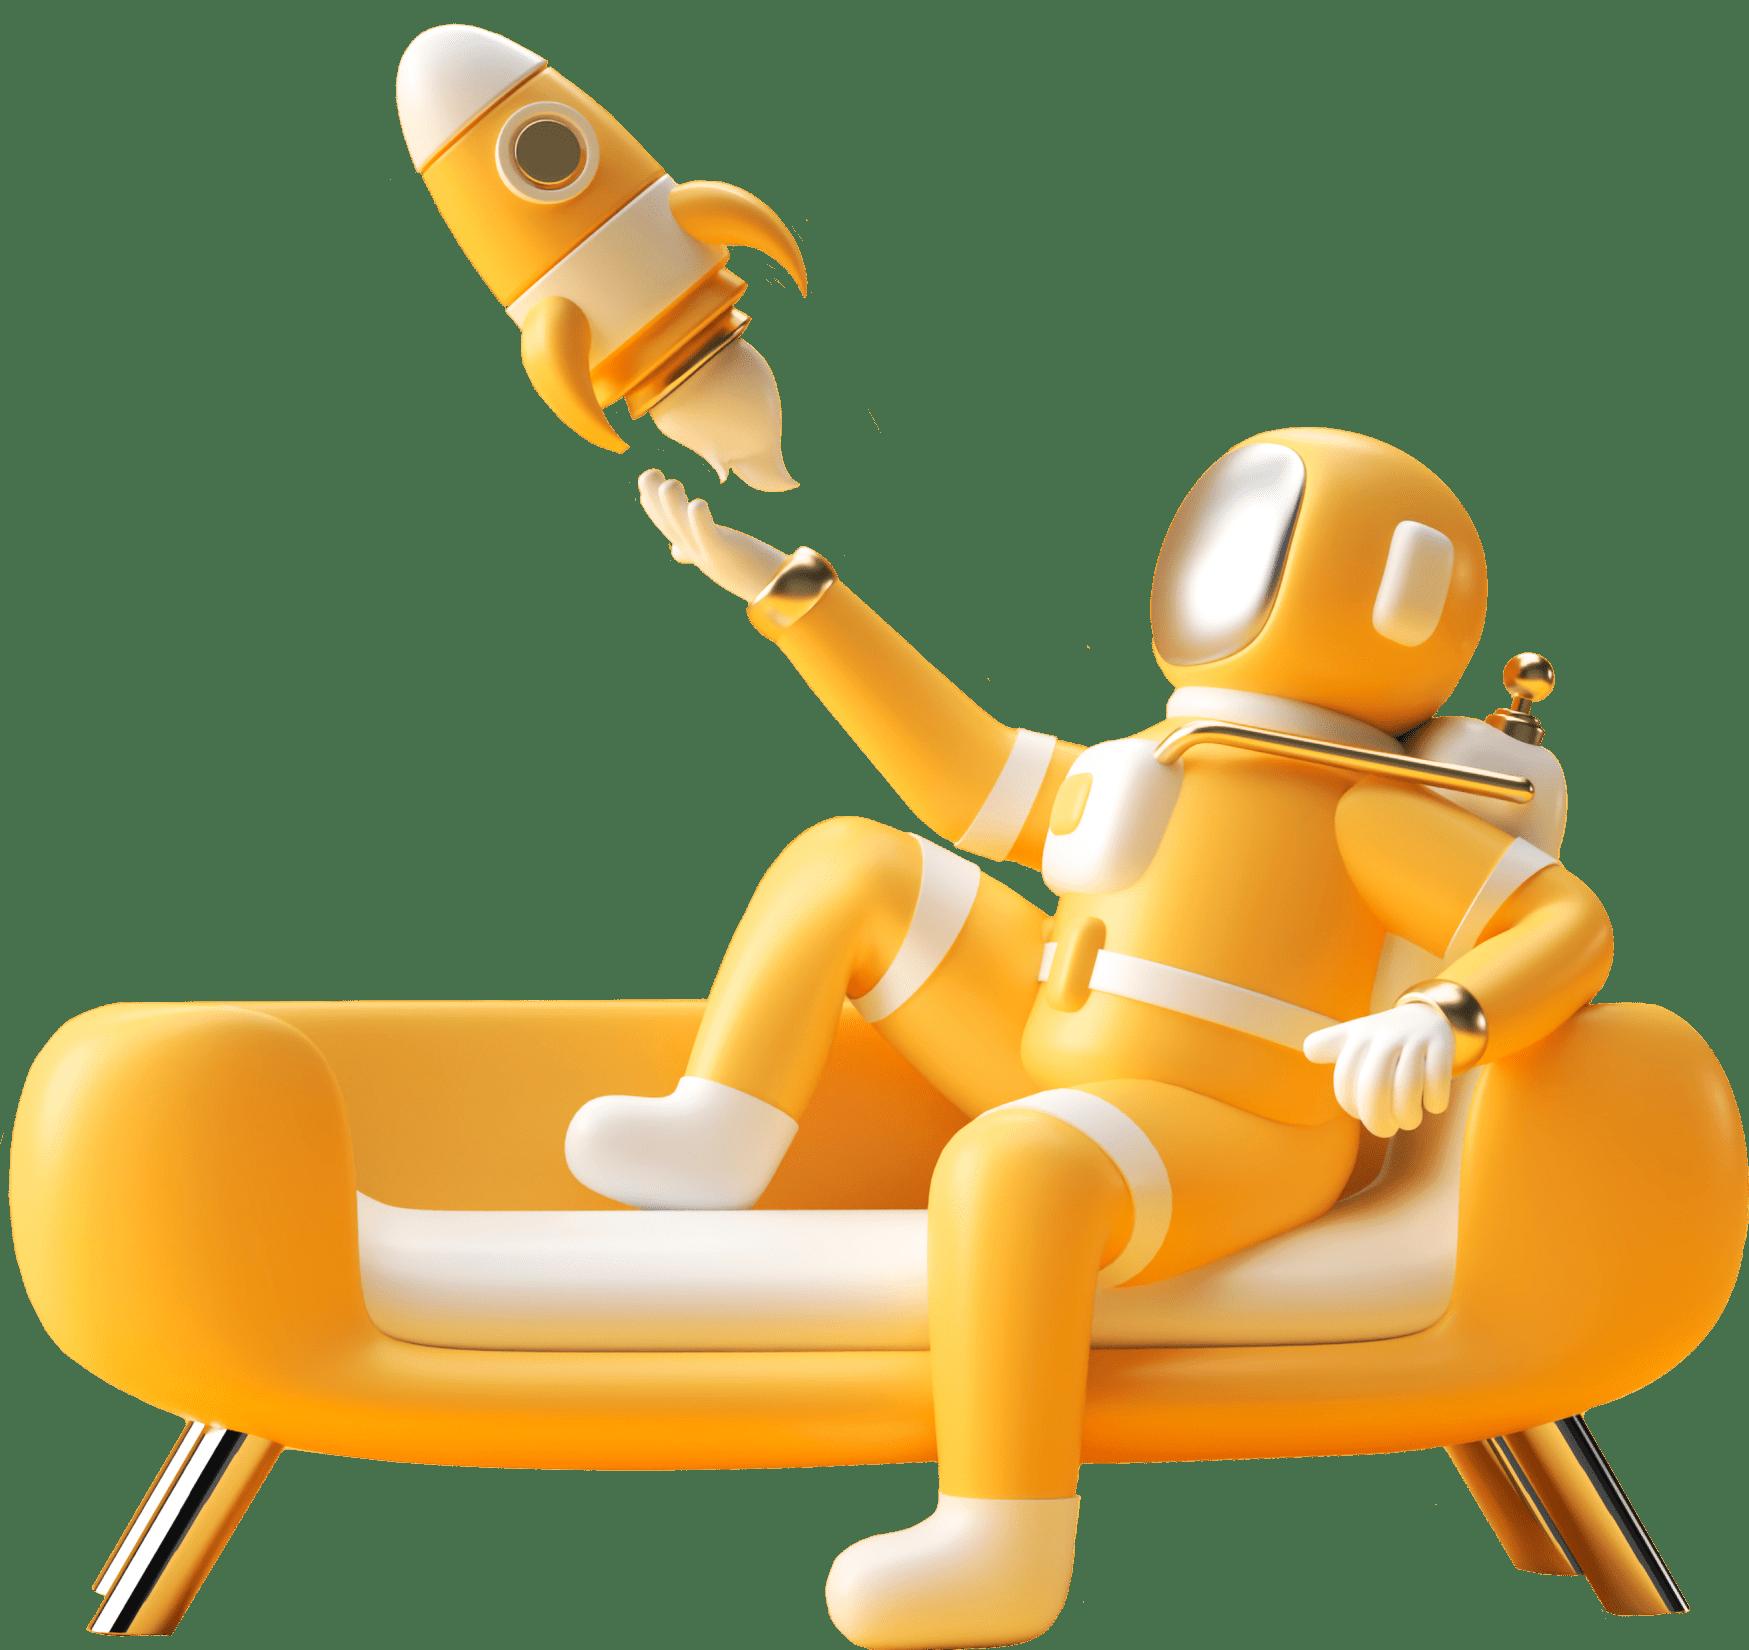 Космонавт запускает ракету